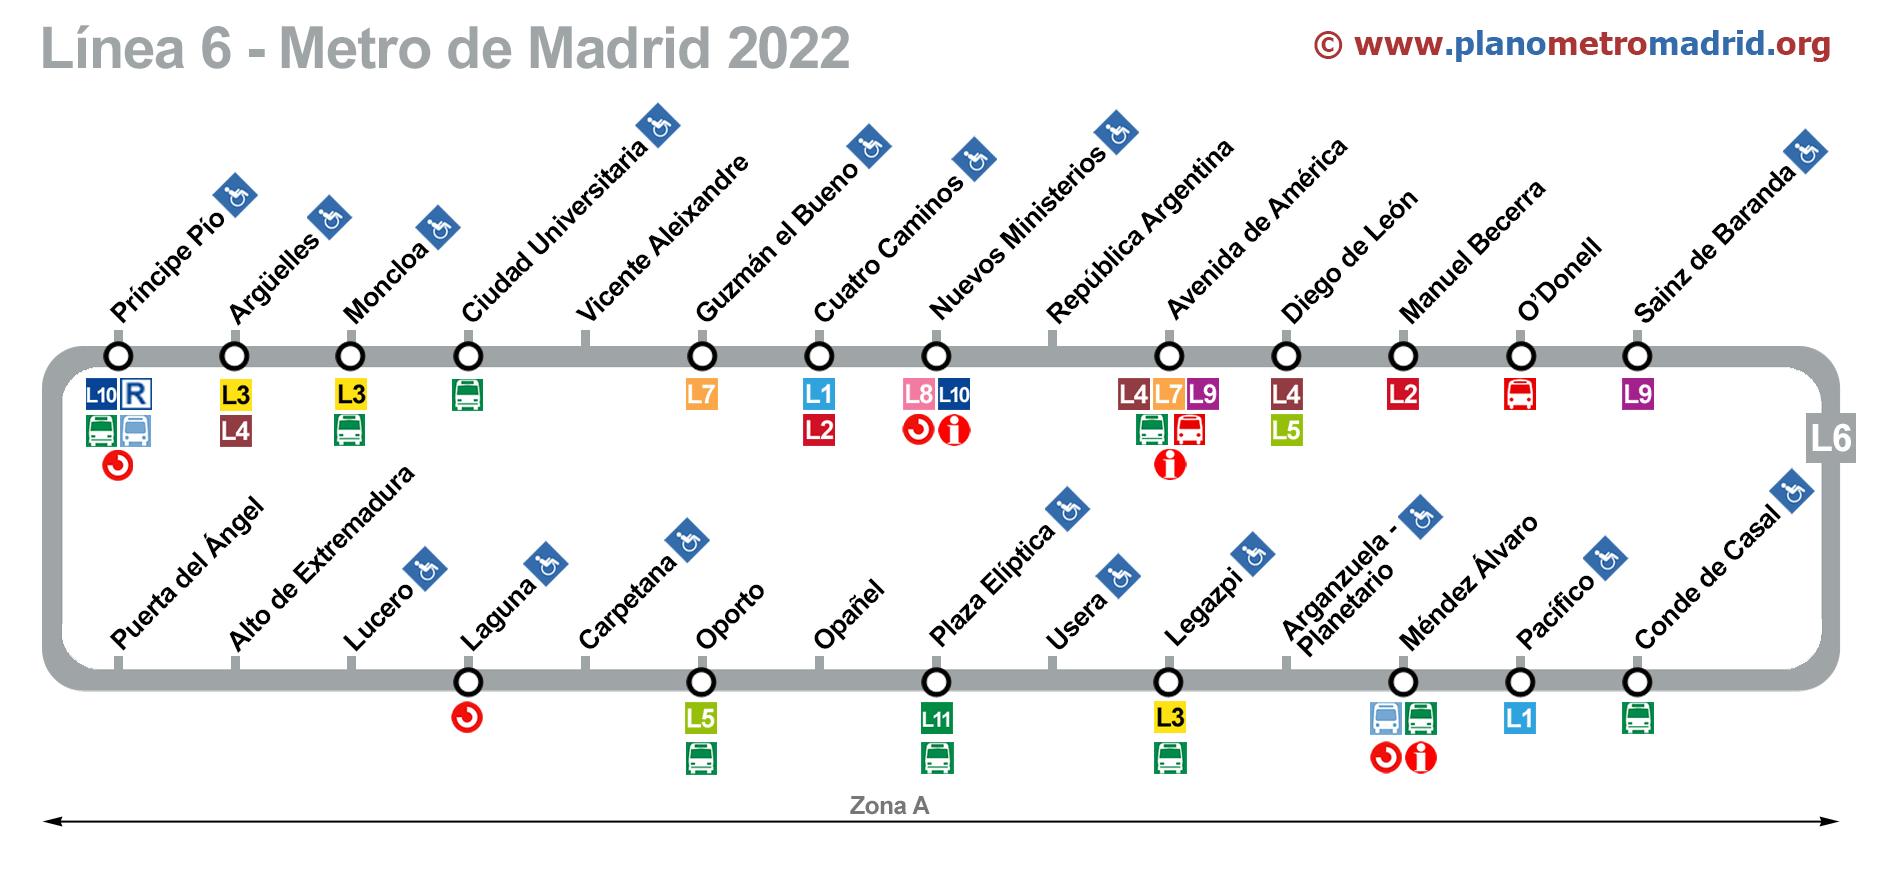 Metro De Oporto Mapa.Linea 6 Del Metro De Madrid Circular L6 Actualizado En 2020